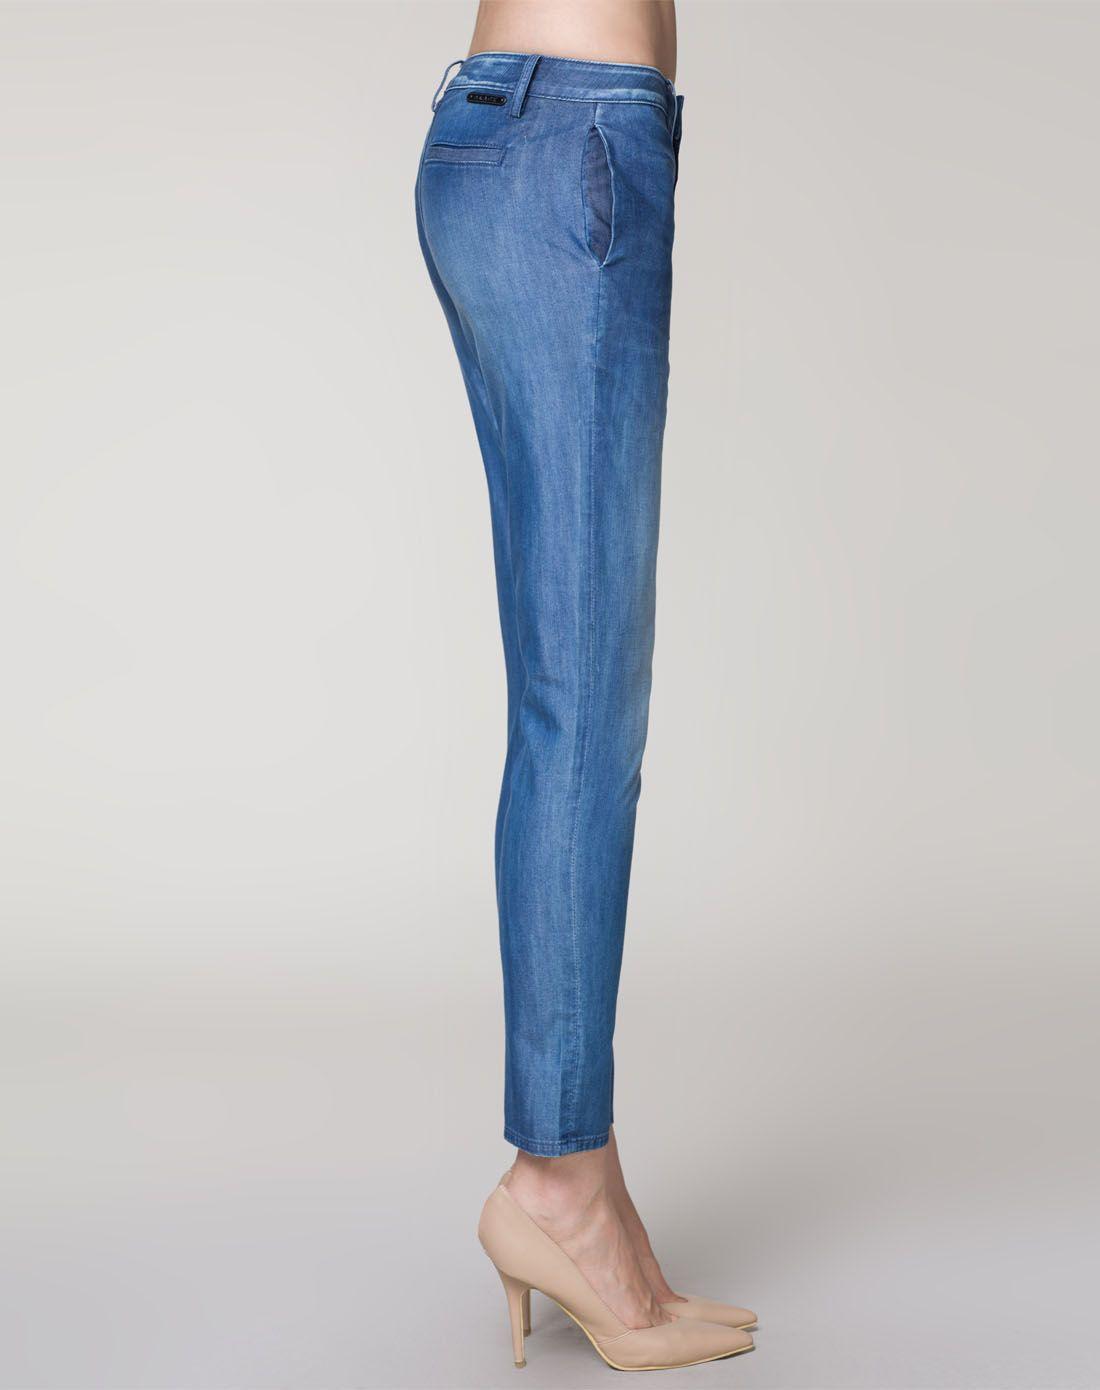 紧身牛仔裤美